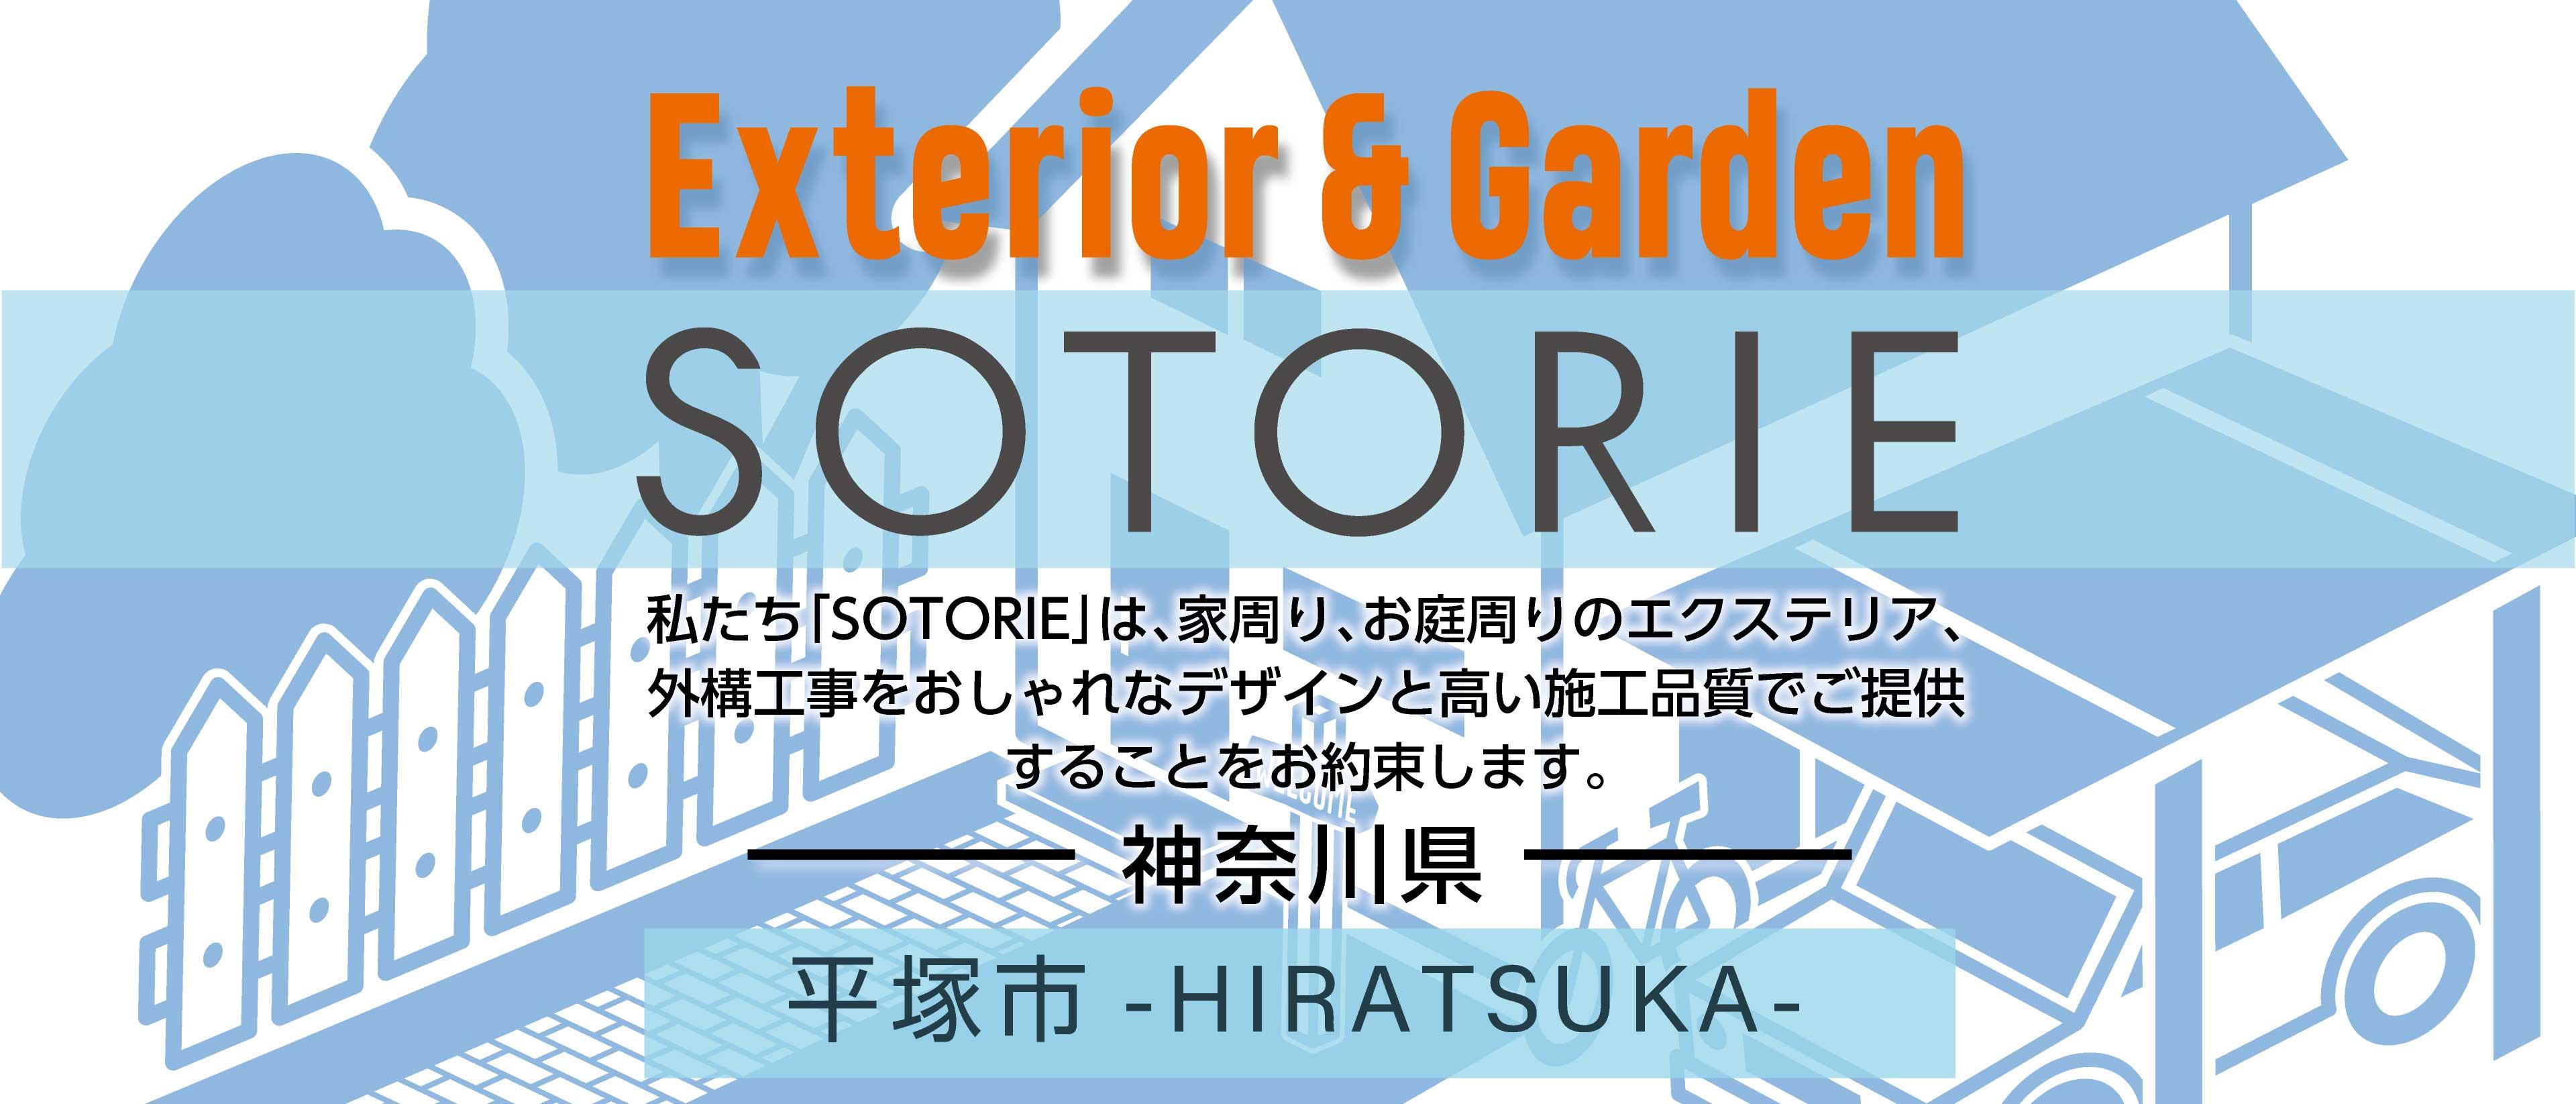 ソトリエ平塚市では、家周りと庭周りの外構、エクステリア工事をおしゃれなデザインと高い施工品質でご提供することをお約束します。